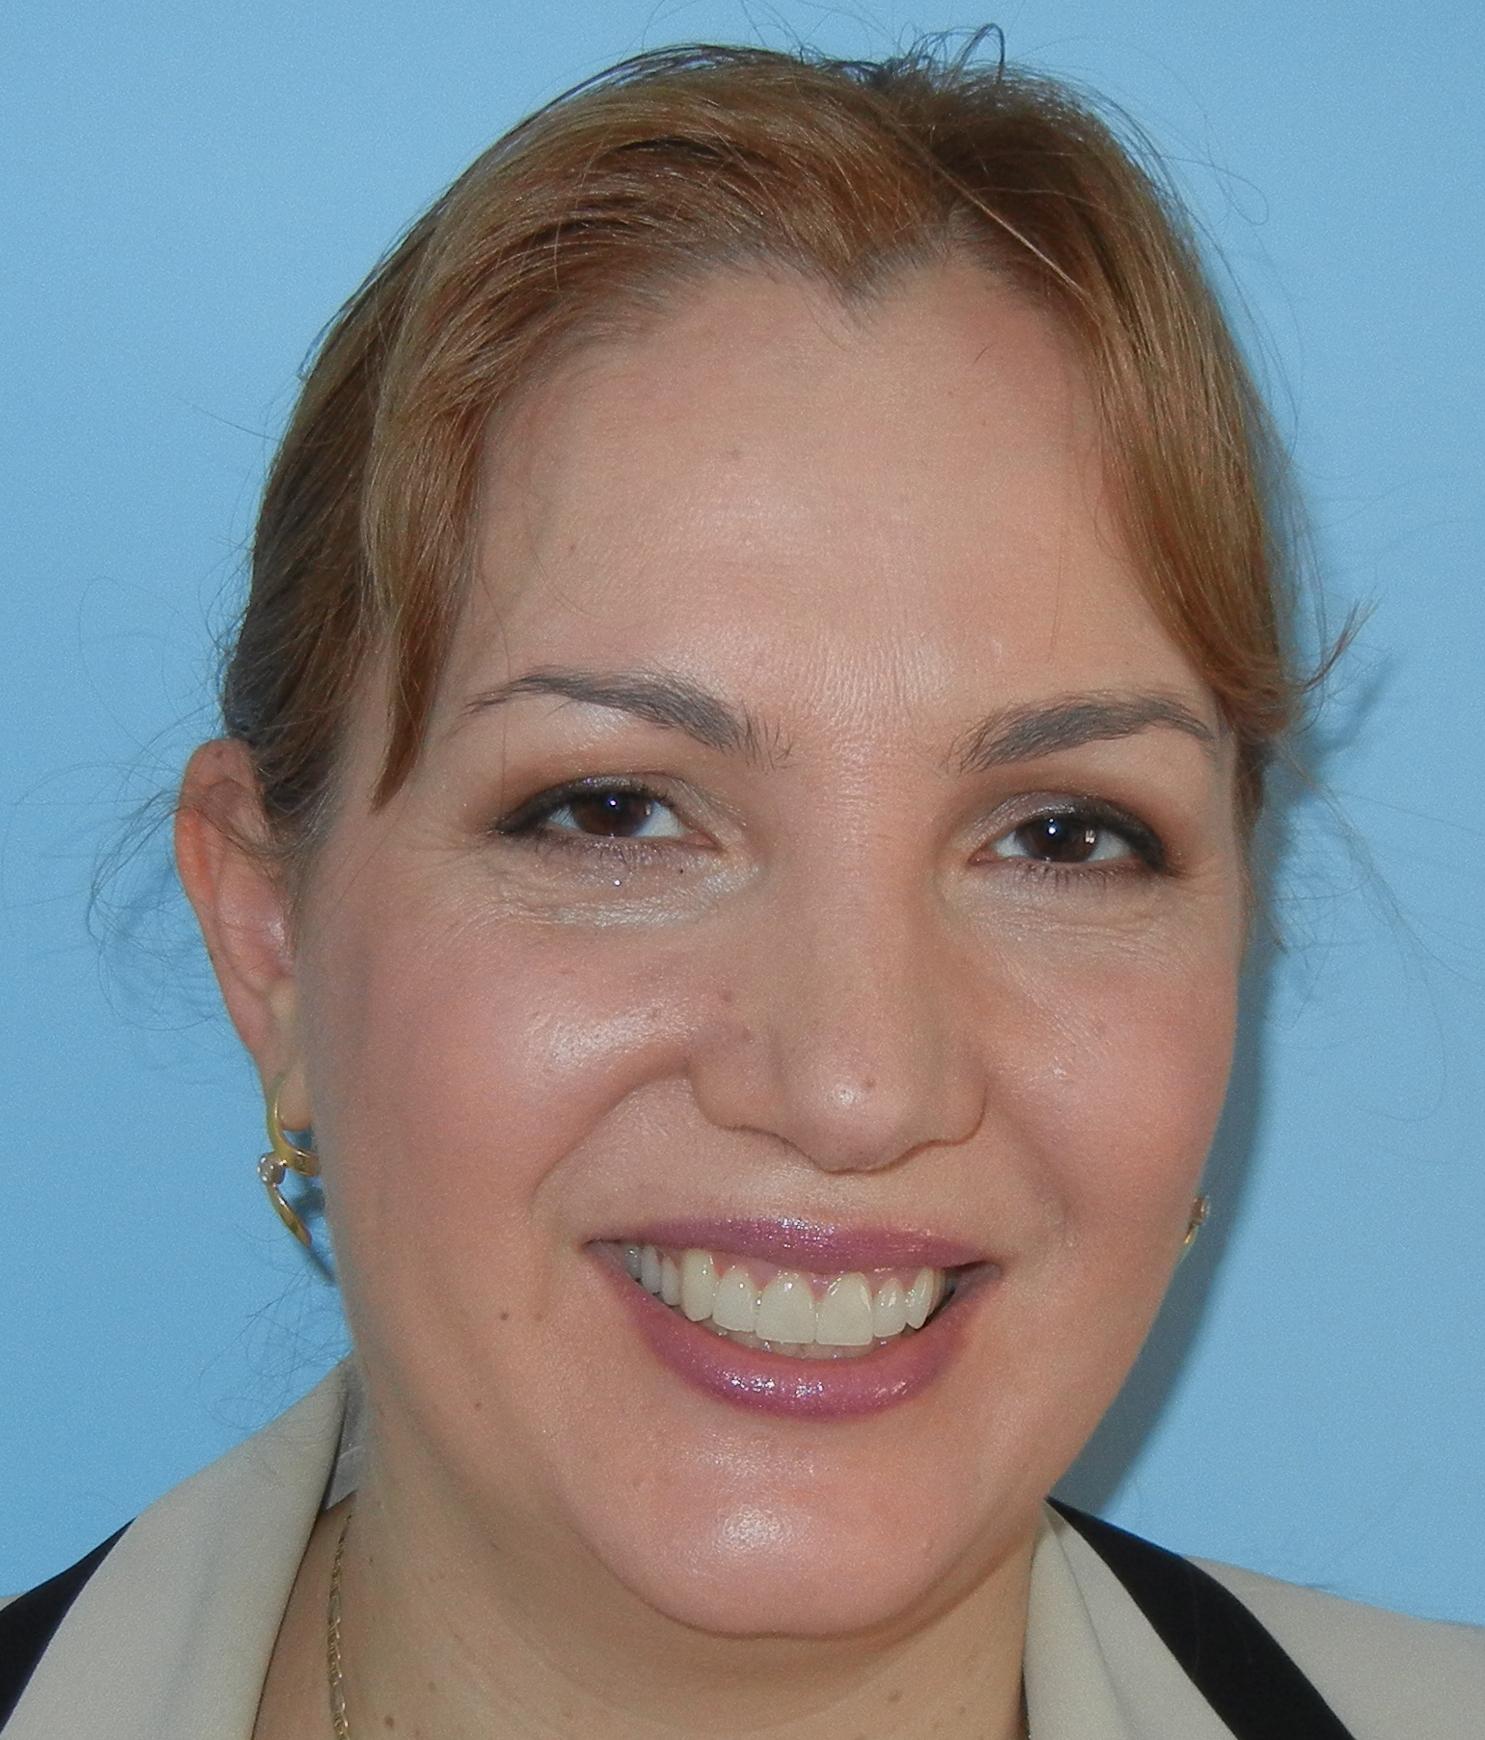 906cbe89e70 Ada Girnita, hudläkare vid Karolinska universitetssjukhuset.